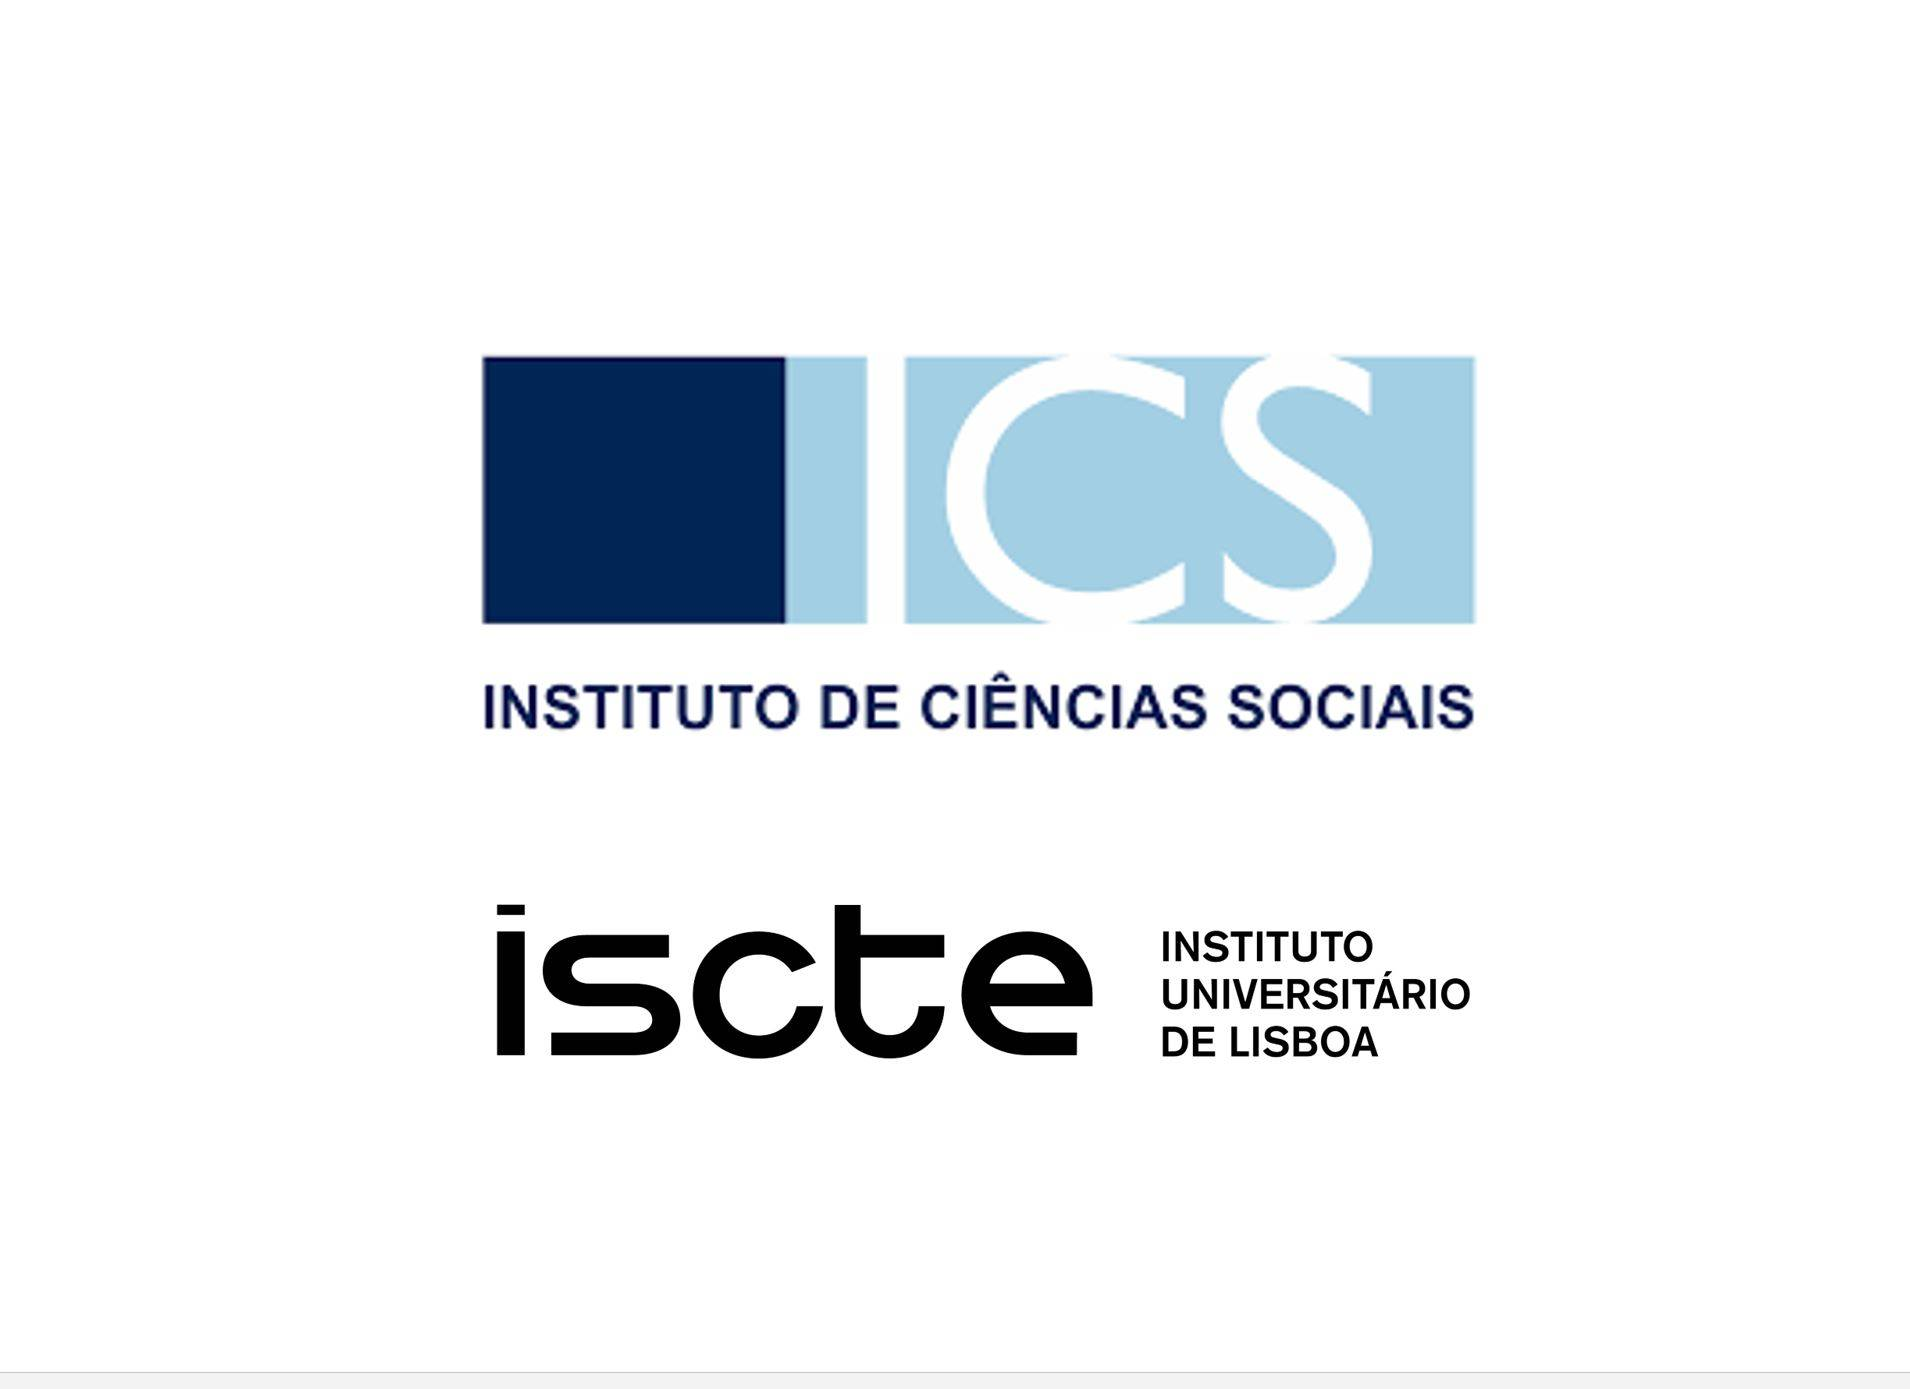 Segunda vaga do inquérito ICS/Iscte sobre a pandemia